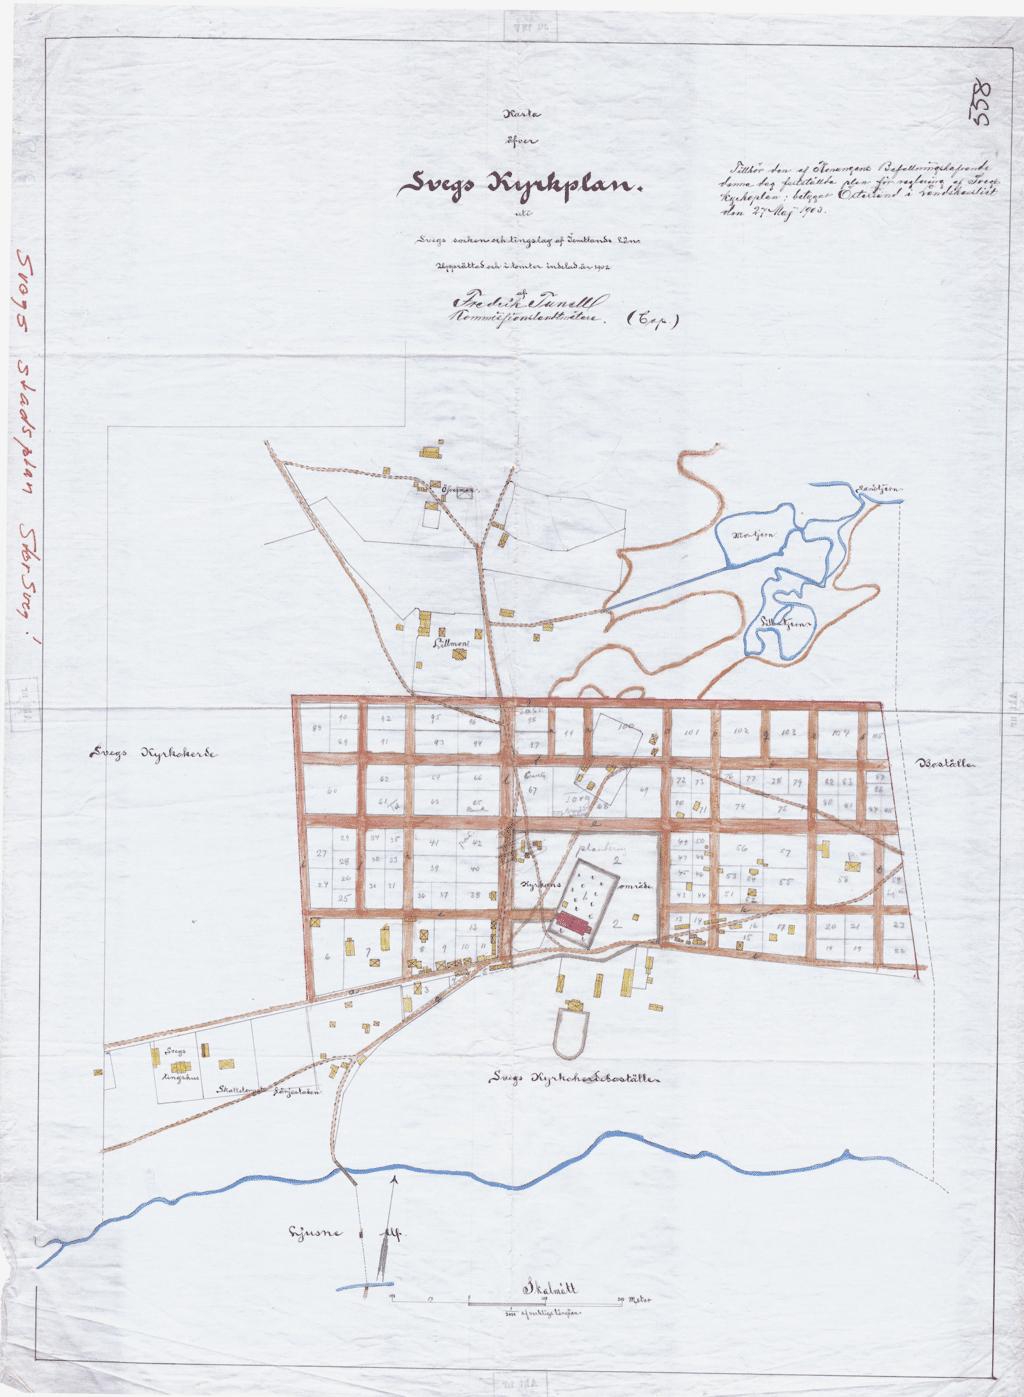 Svegs kyrkplan från 1902/1903. Bild: Karta genom kommunens arkiv